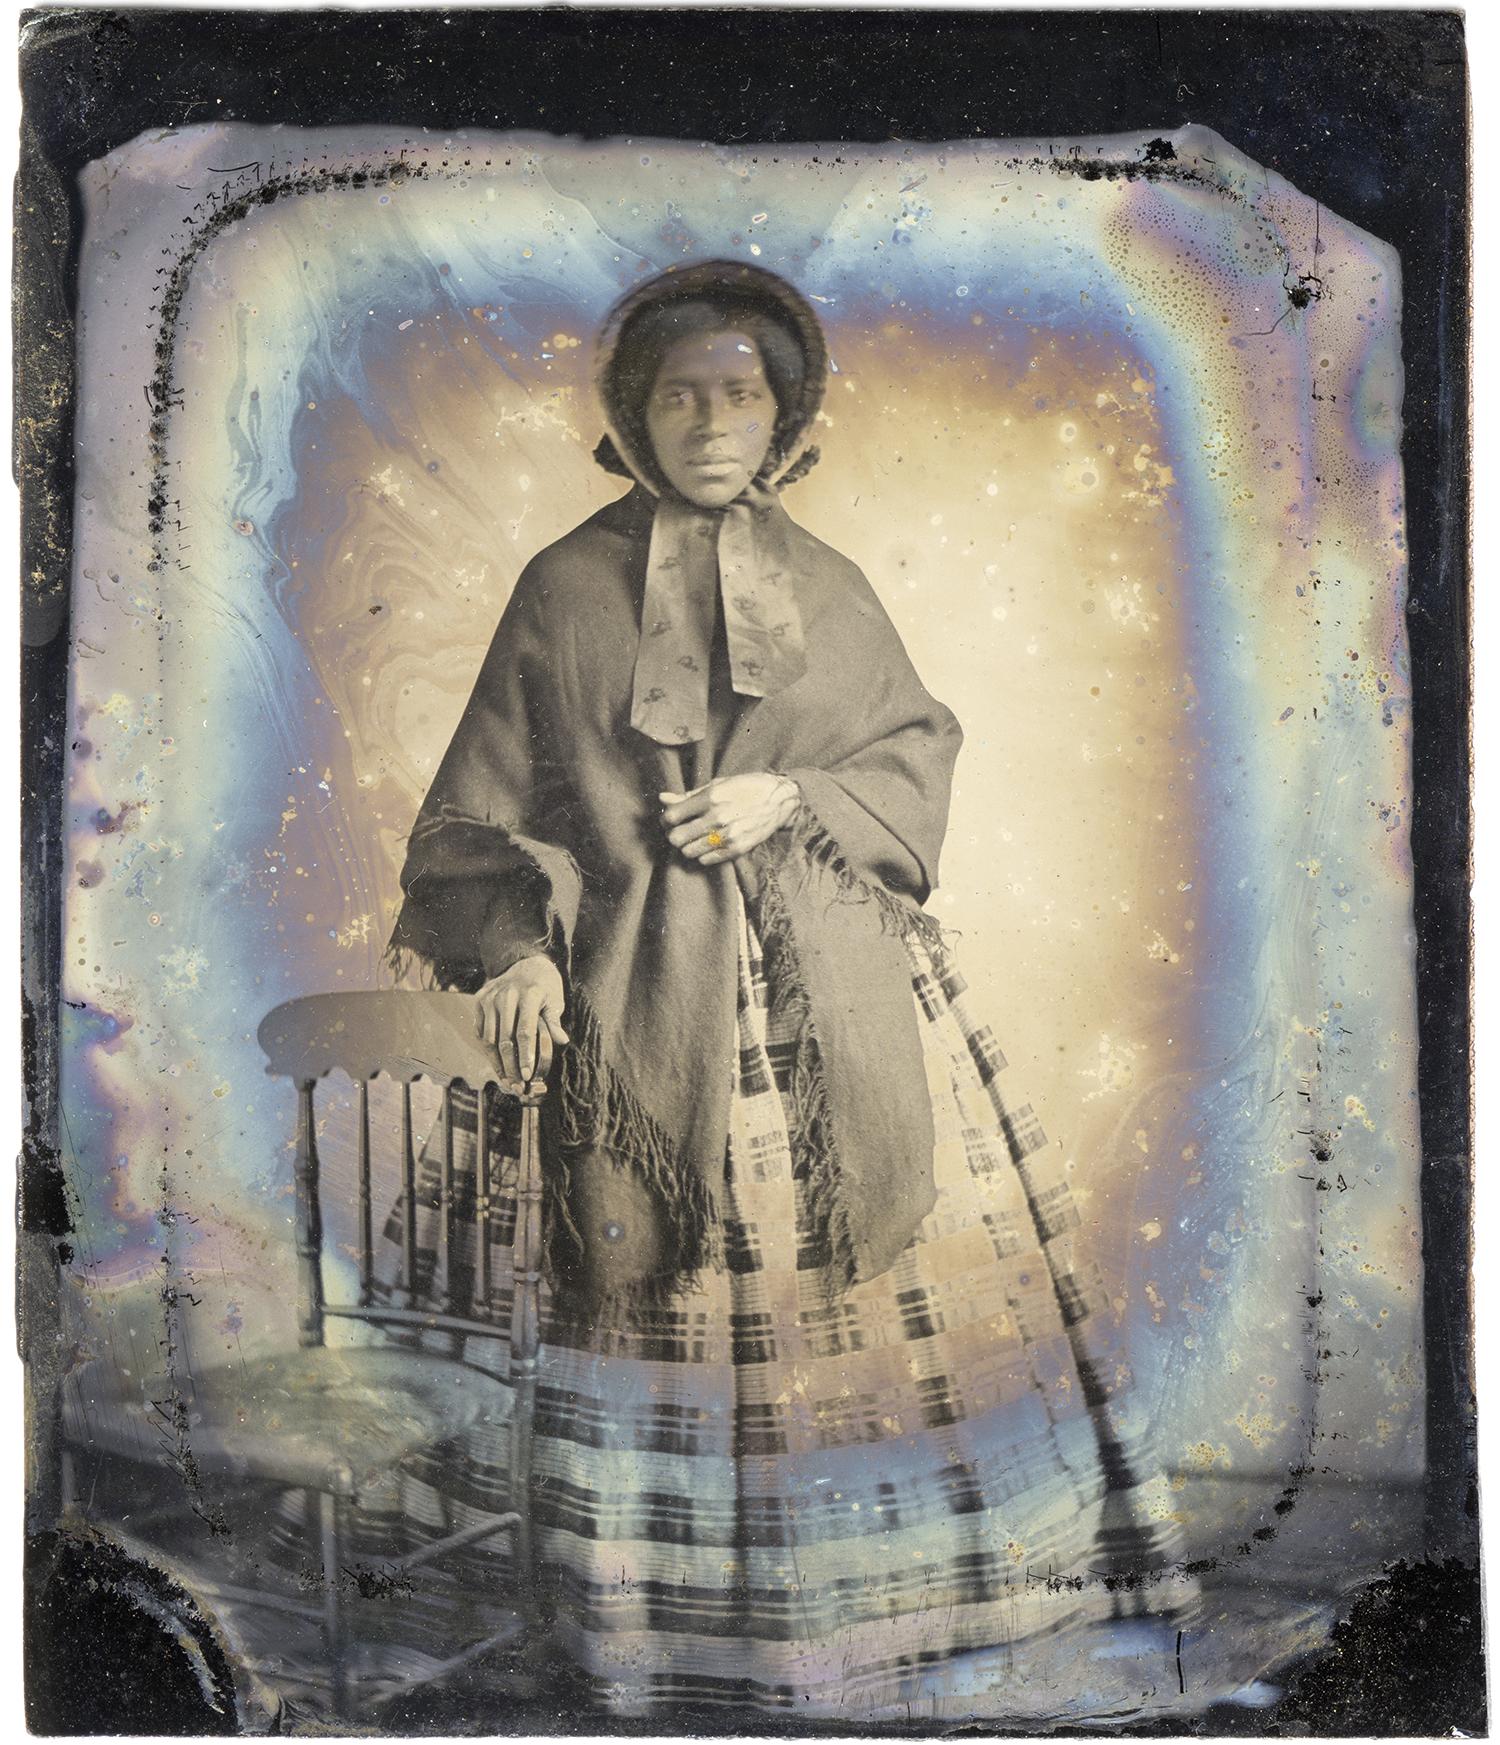 Woman with Shawl, 2013 - LR12165